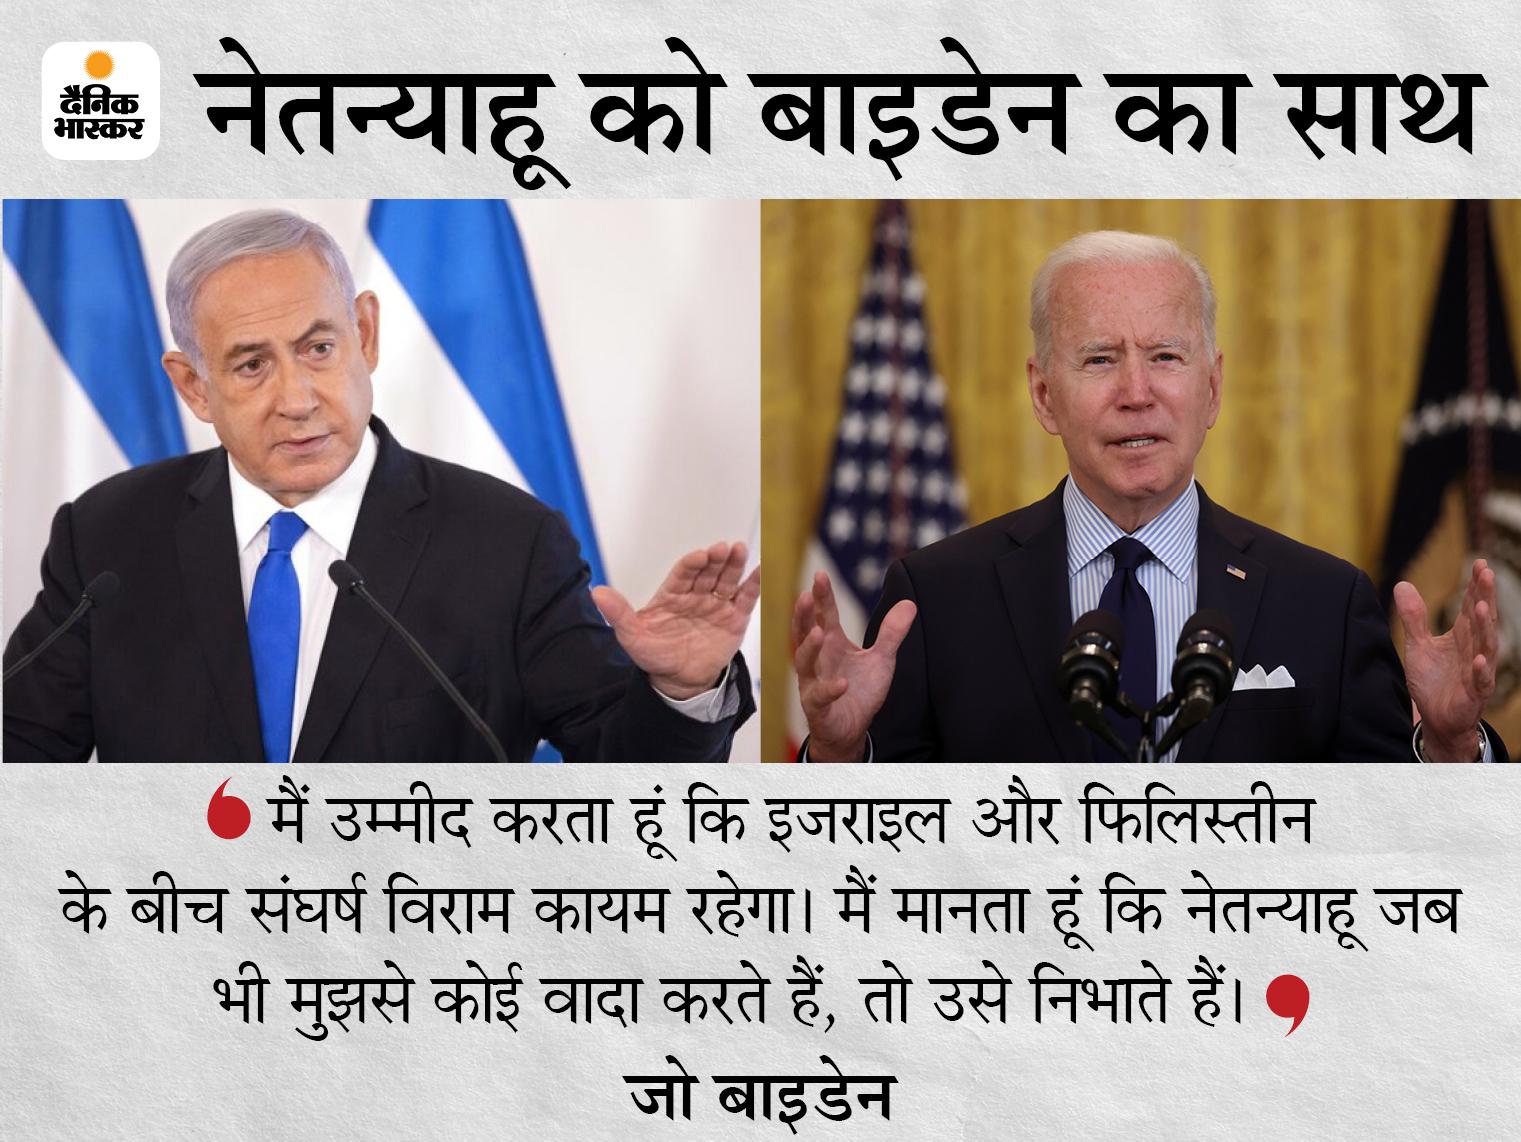 बाइडेन बोले- इजराइल की सुरक्षा को लेकर भी हमारी प्रतिबद्धता में बदलाव नहीं; फिलहाल समस्या का समाधान खोजने की जरूरत|विदेश,International - Dainik Bhaskar